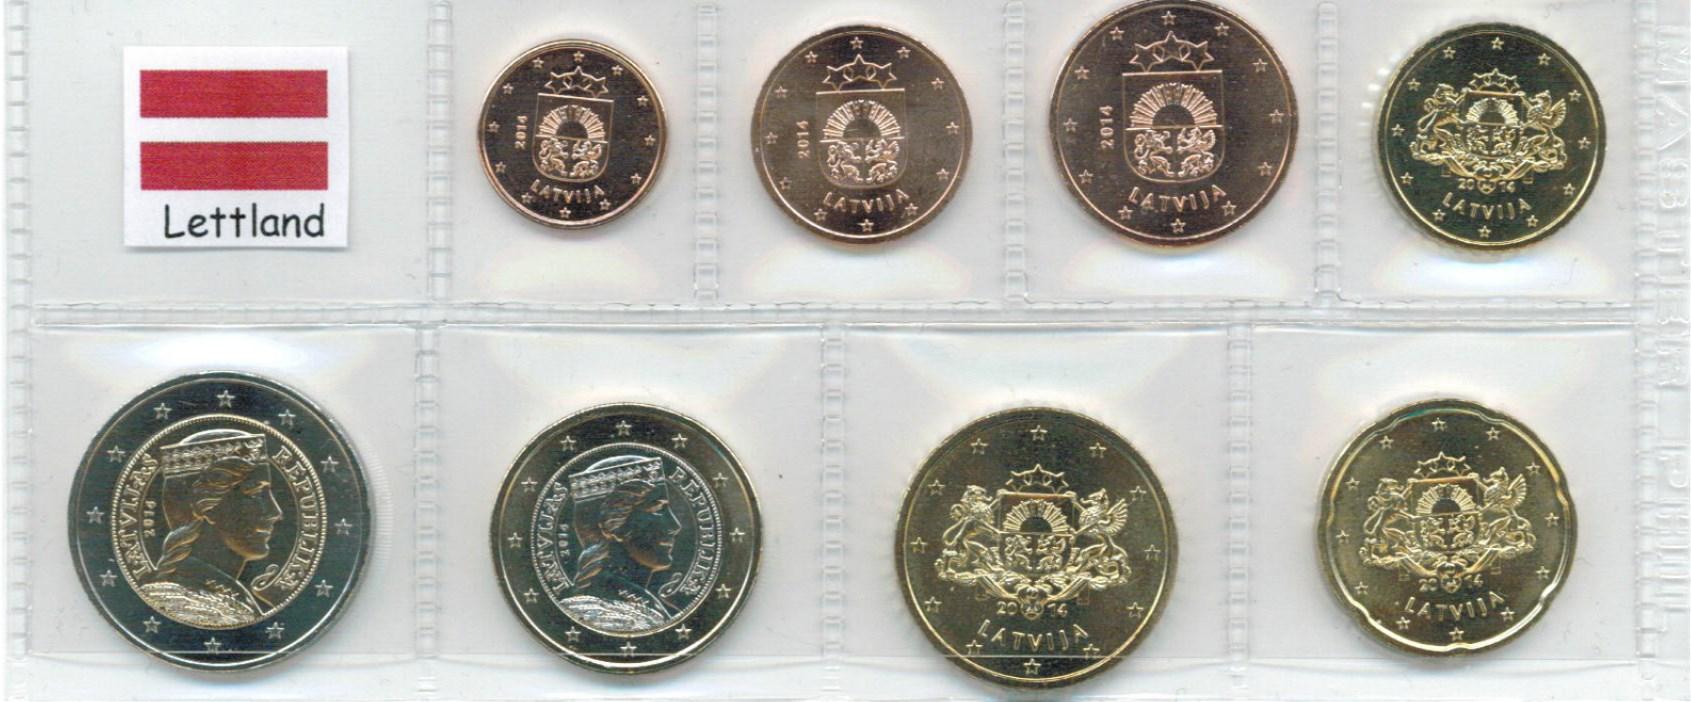 Kurs Münz Satz Lettland 2018 1 Cent Bis 2 Euro Graf Waldschrat